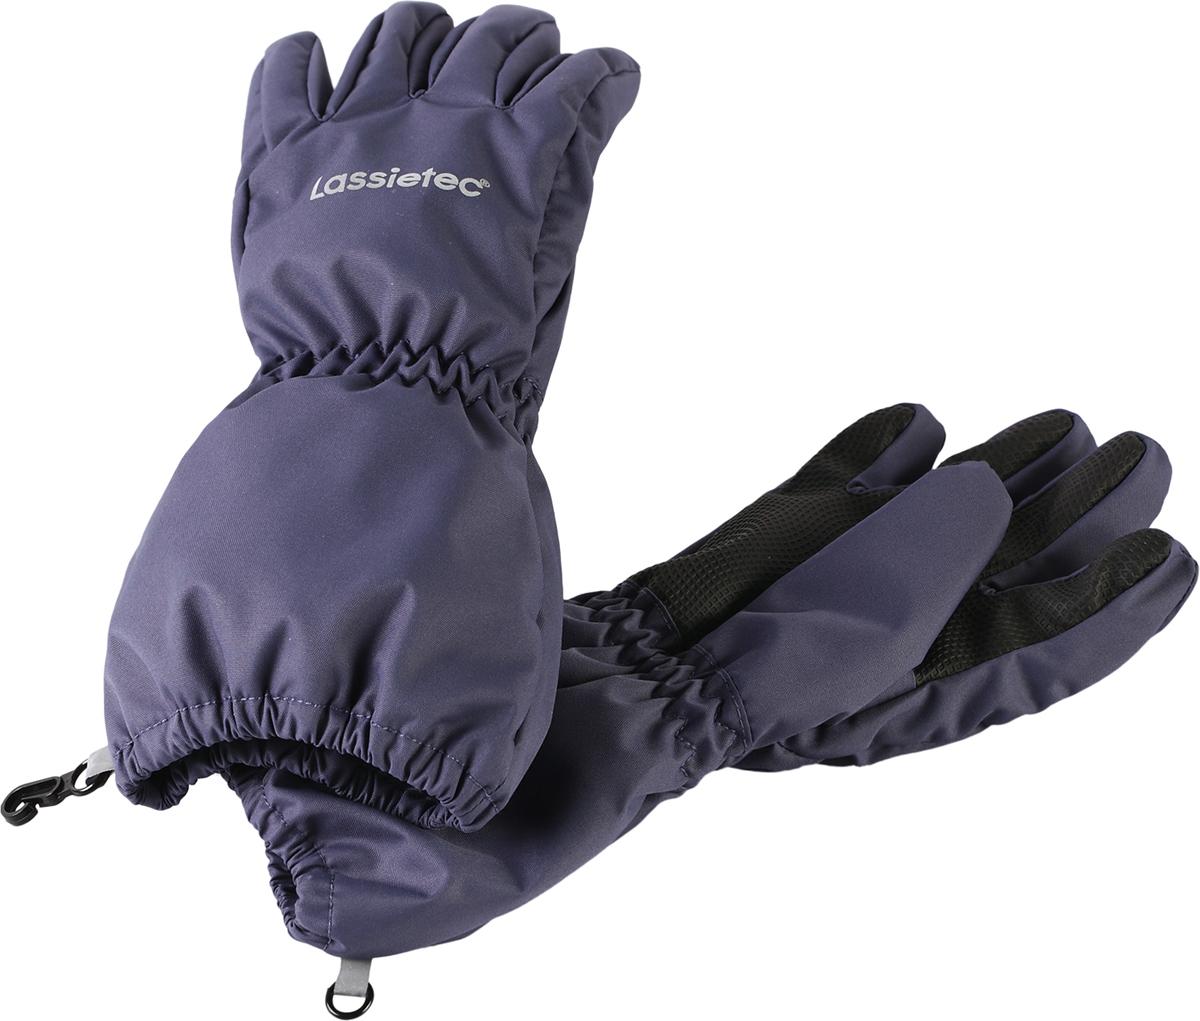 Перчатки детские Lassie, цвет: темно-синий. 7277069630. Размер 47277069630Дышащие детские перчатки изготовлены из очень износостойкого и абсолютно водонепроницаемого материала. В них предусмотрена водонепроницаемая мембрана и трикотажная подкладка из полиэстера с начесом. Усиления на ладони, кончиках пальцев и на большом пальце позволяют крепко держать в руках разные сокровища, найденные во время весенних приключений на природе, а еще хорошо согревают ручки. Сверху снабжены светоотражающим элементом.